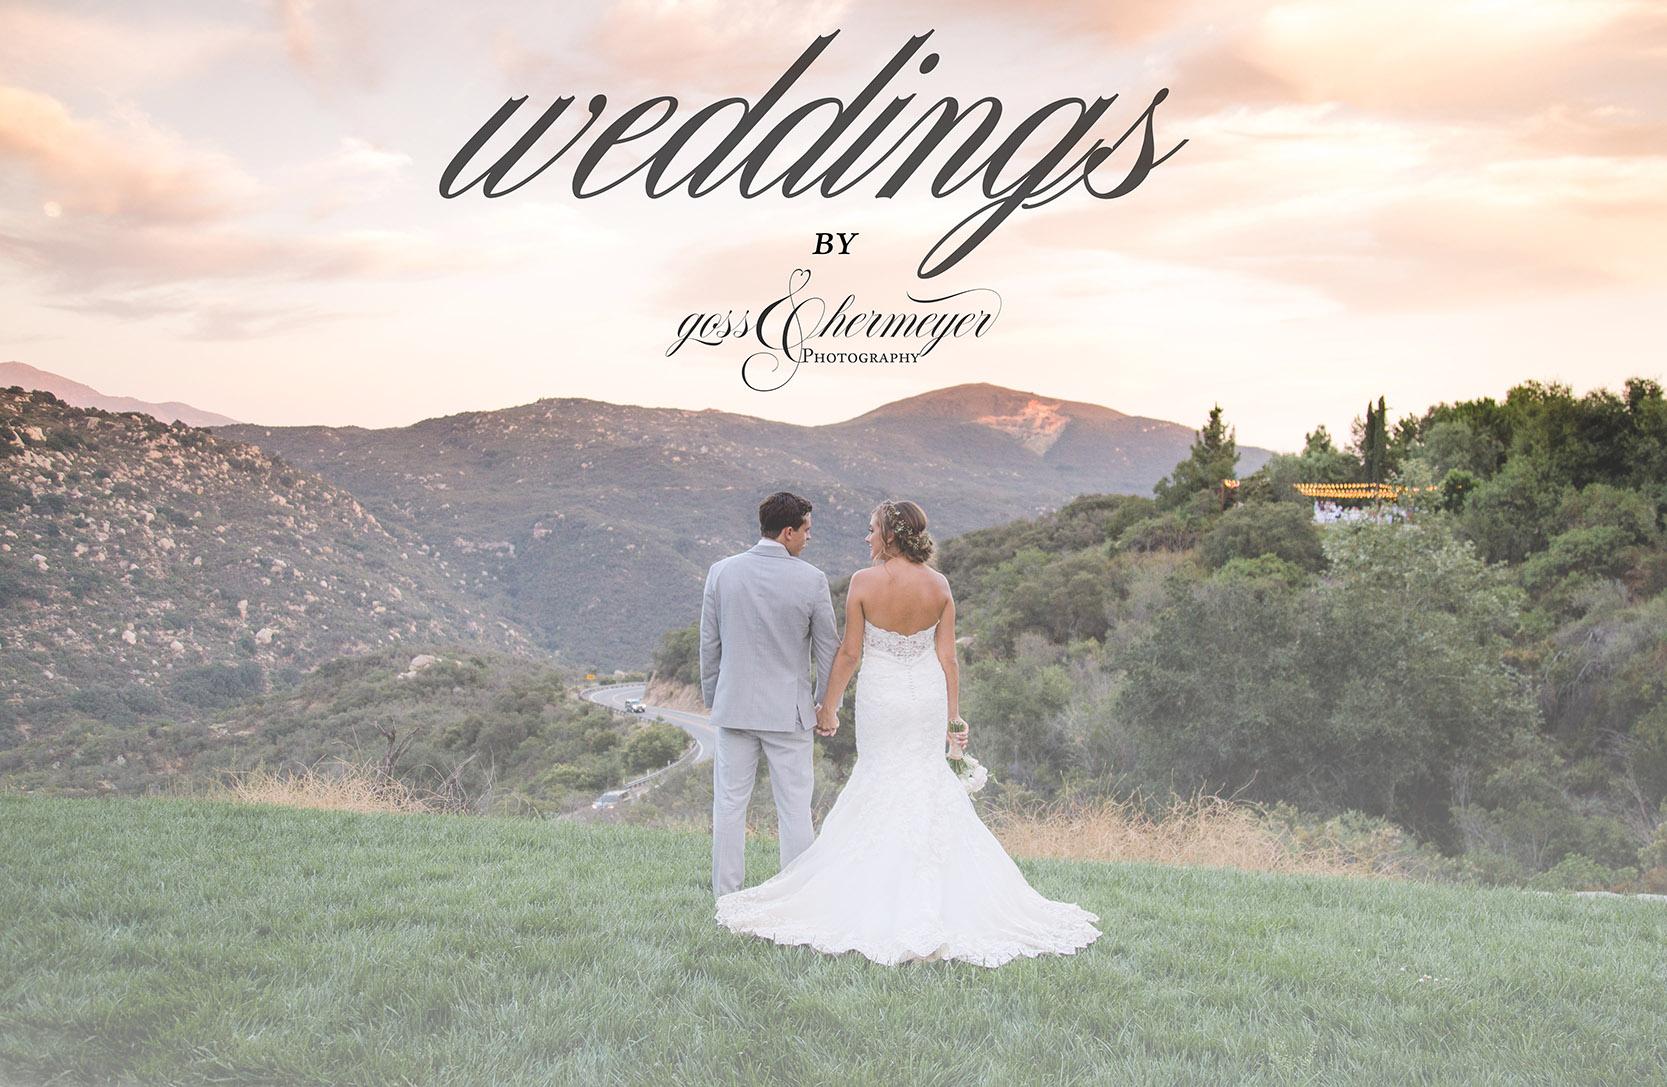 weddingscover.jpg